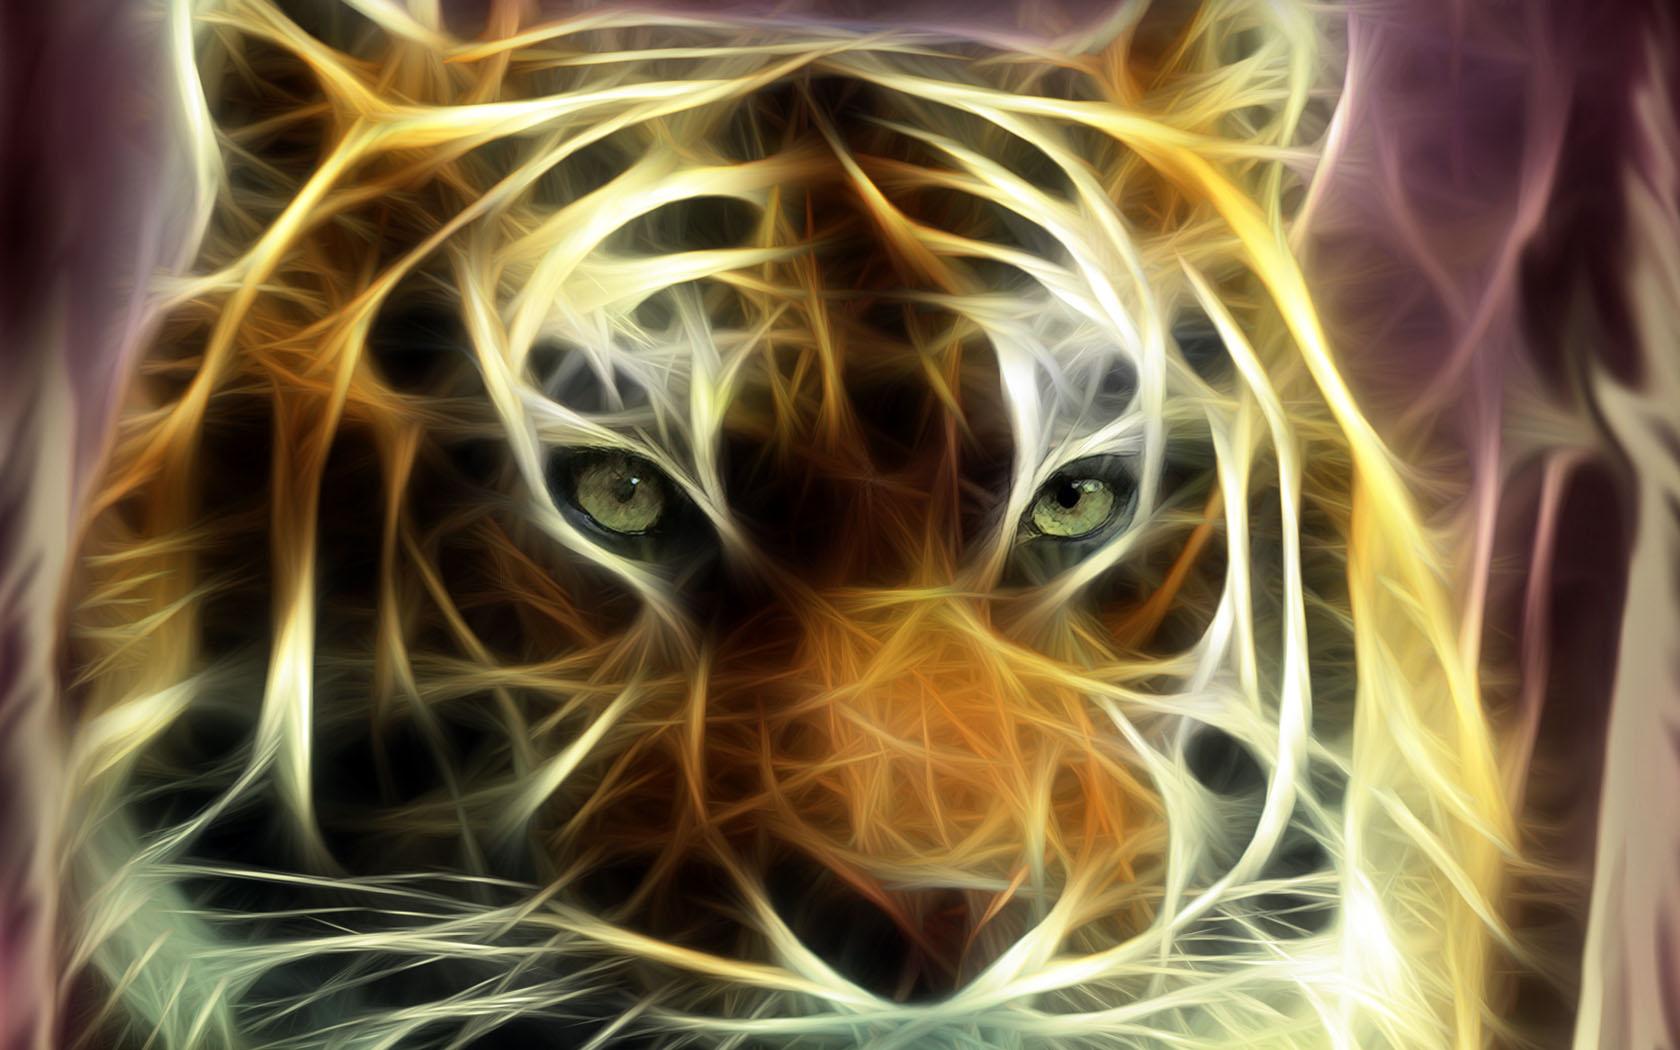 Fond Decran Eyes Of Tiger Wallpaper